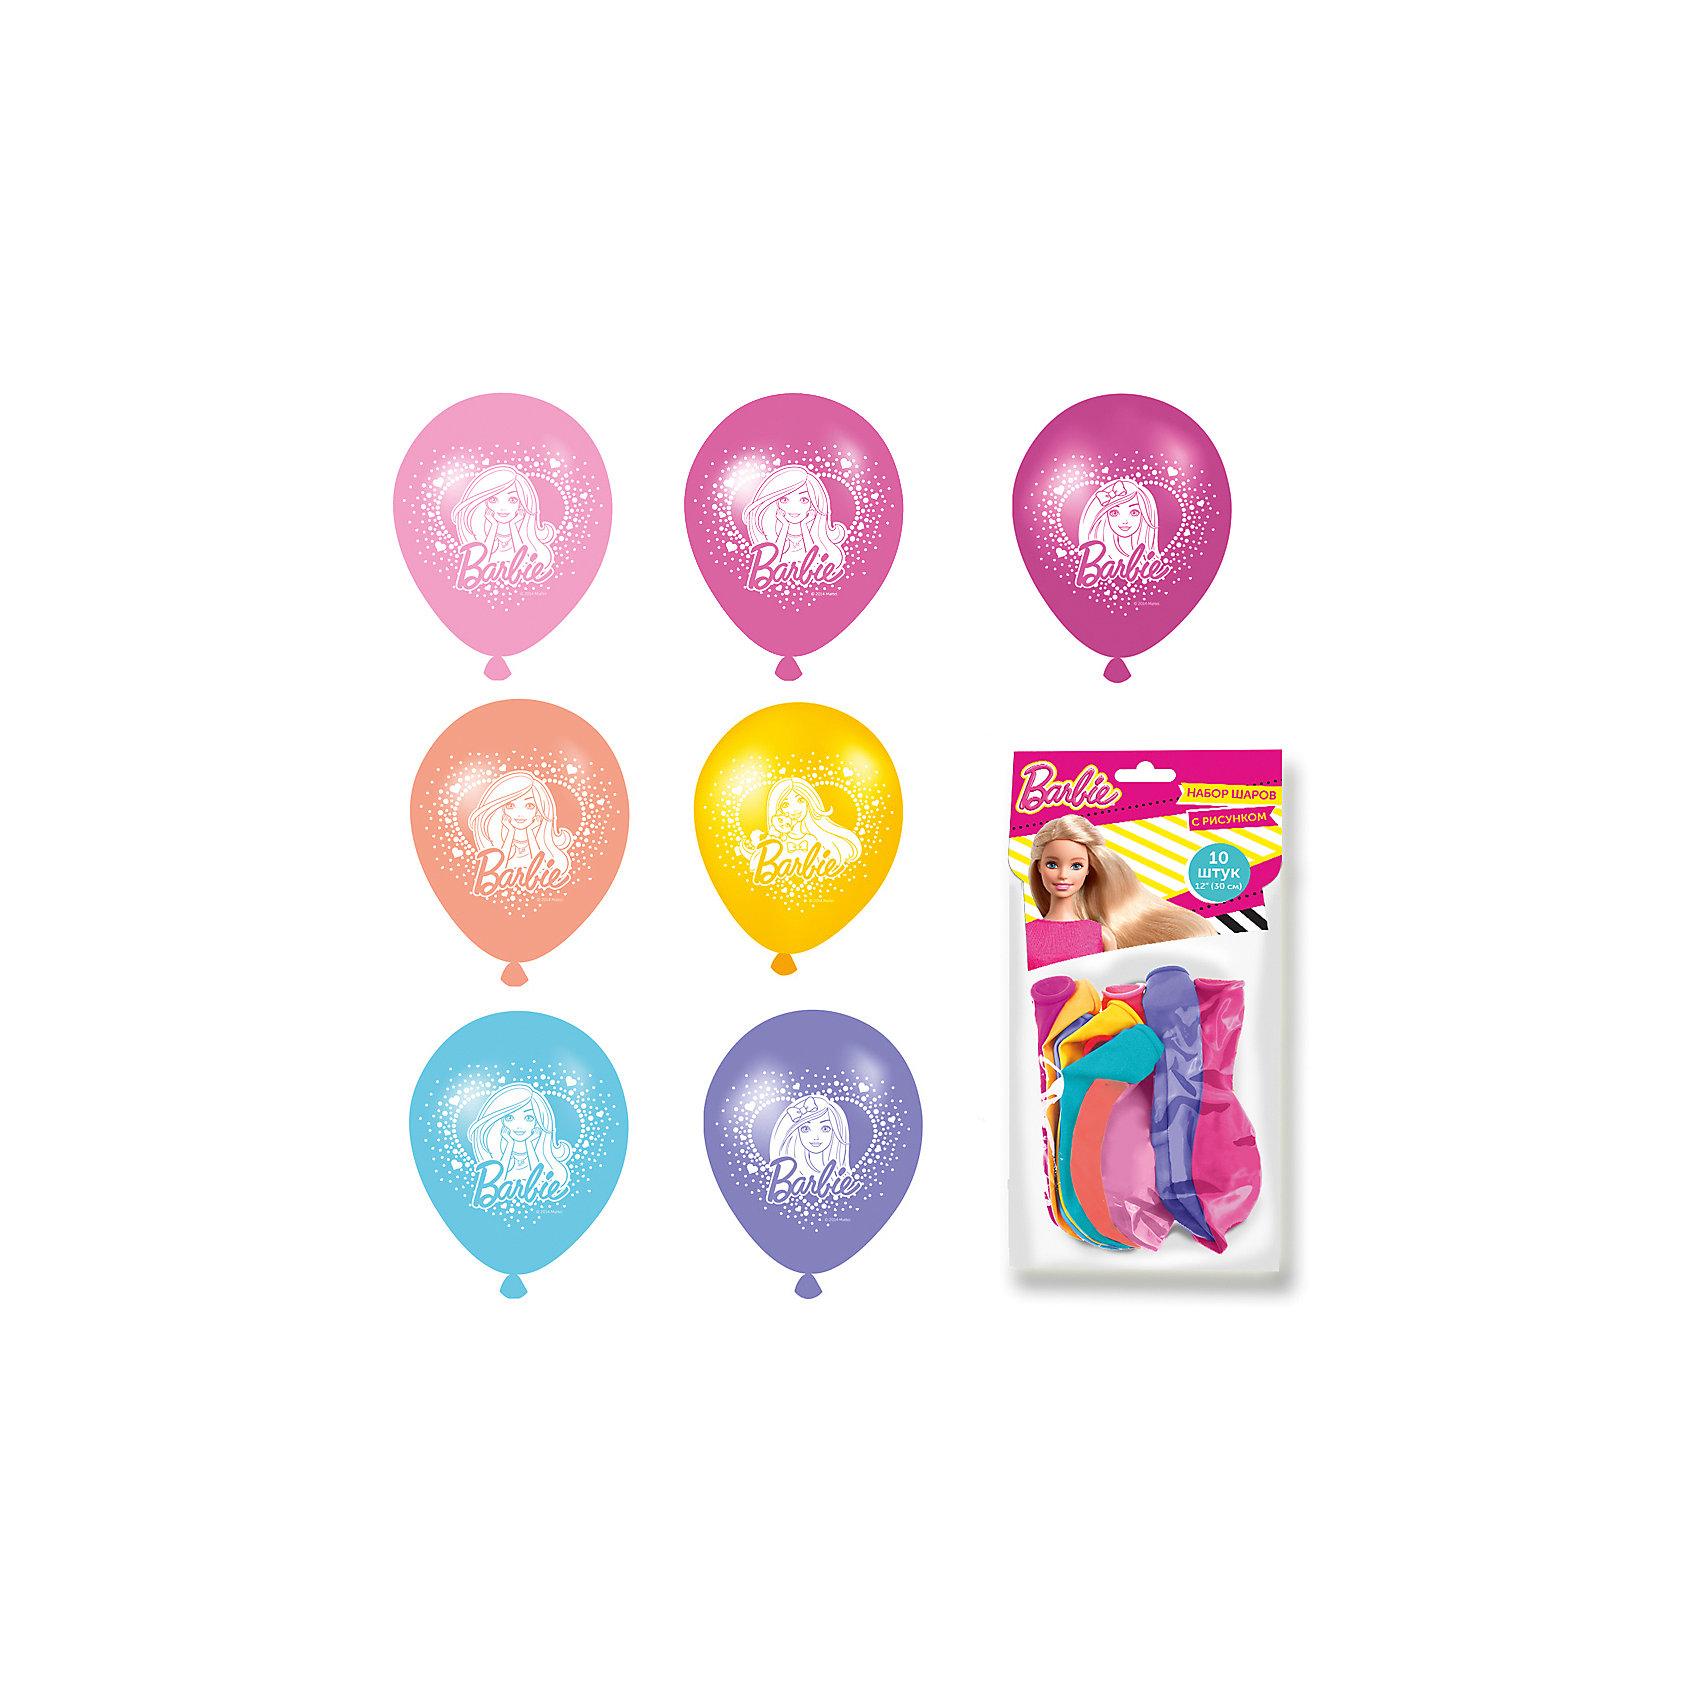 Набор шаров с рисунком 30см, 10 шт. Barbie